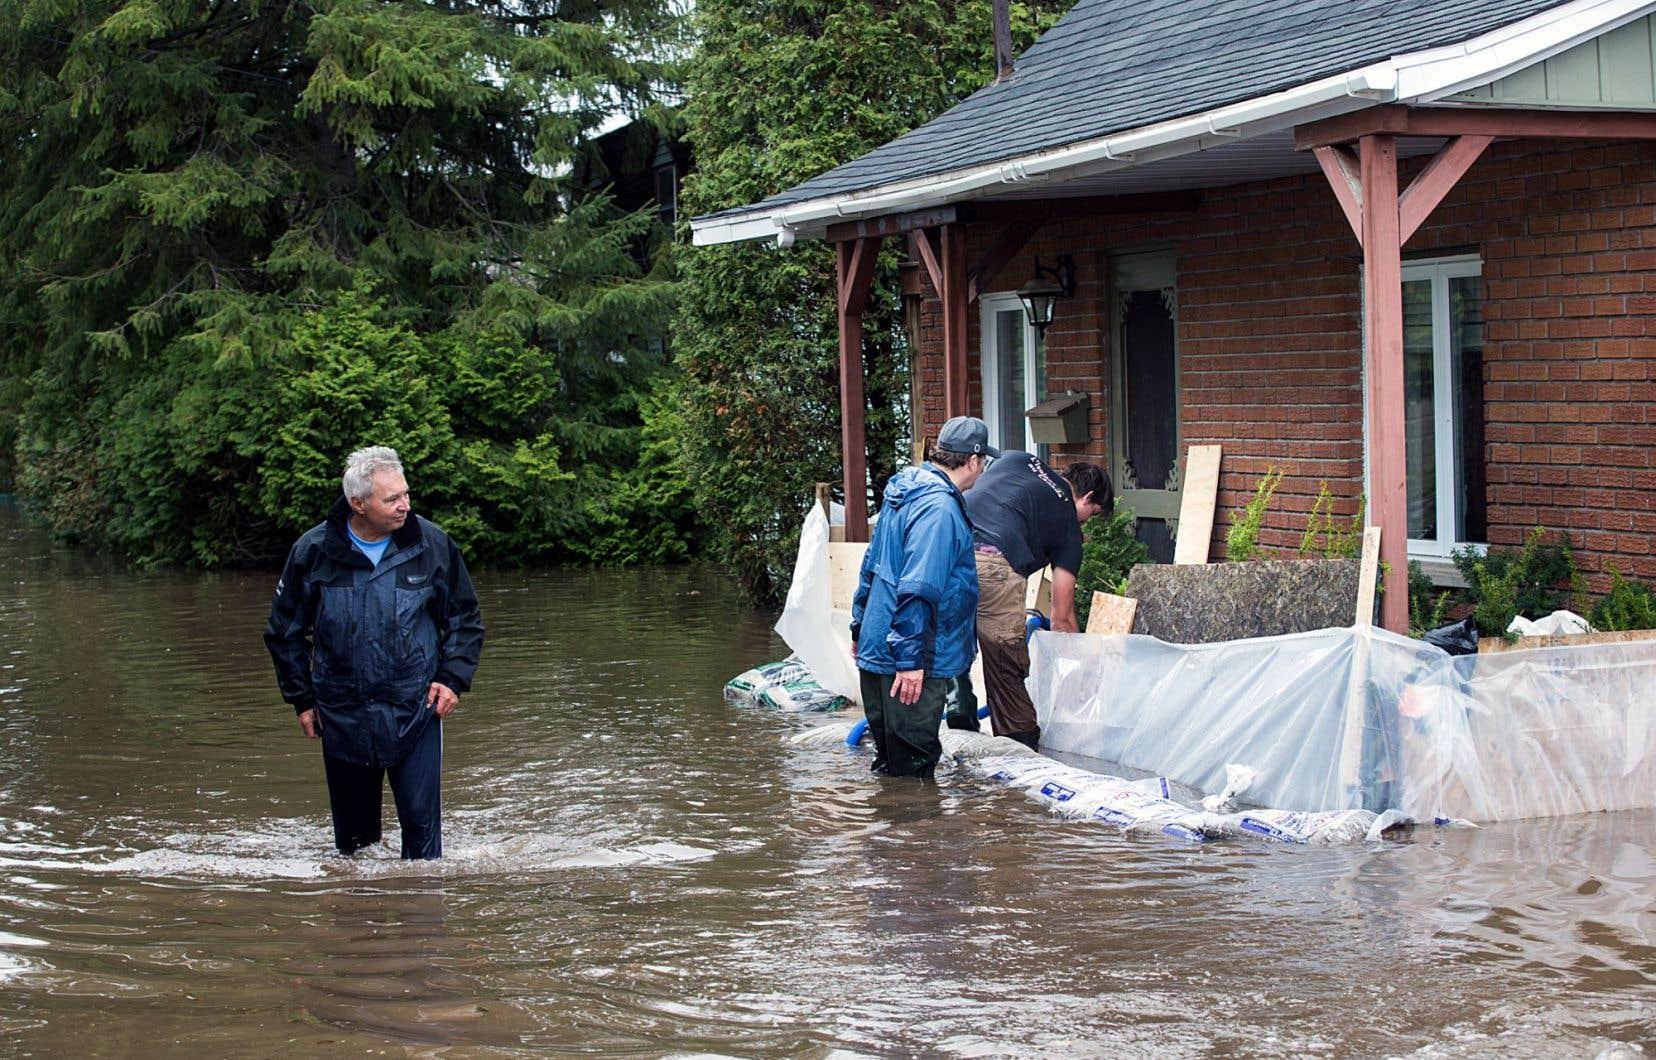 Des parois de sacs de sable et de matériaux de construction divers ont été aménagées devant plusieurs résidences inondées, dont celle-ci, à L'Île-Bizard.